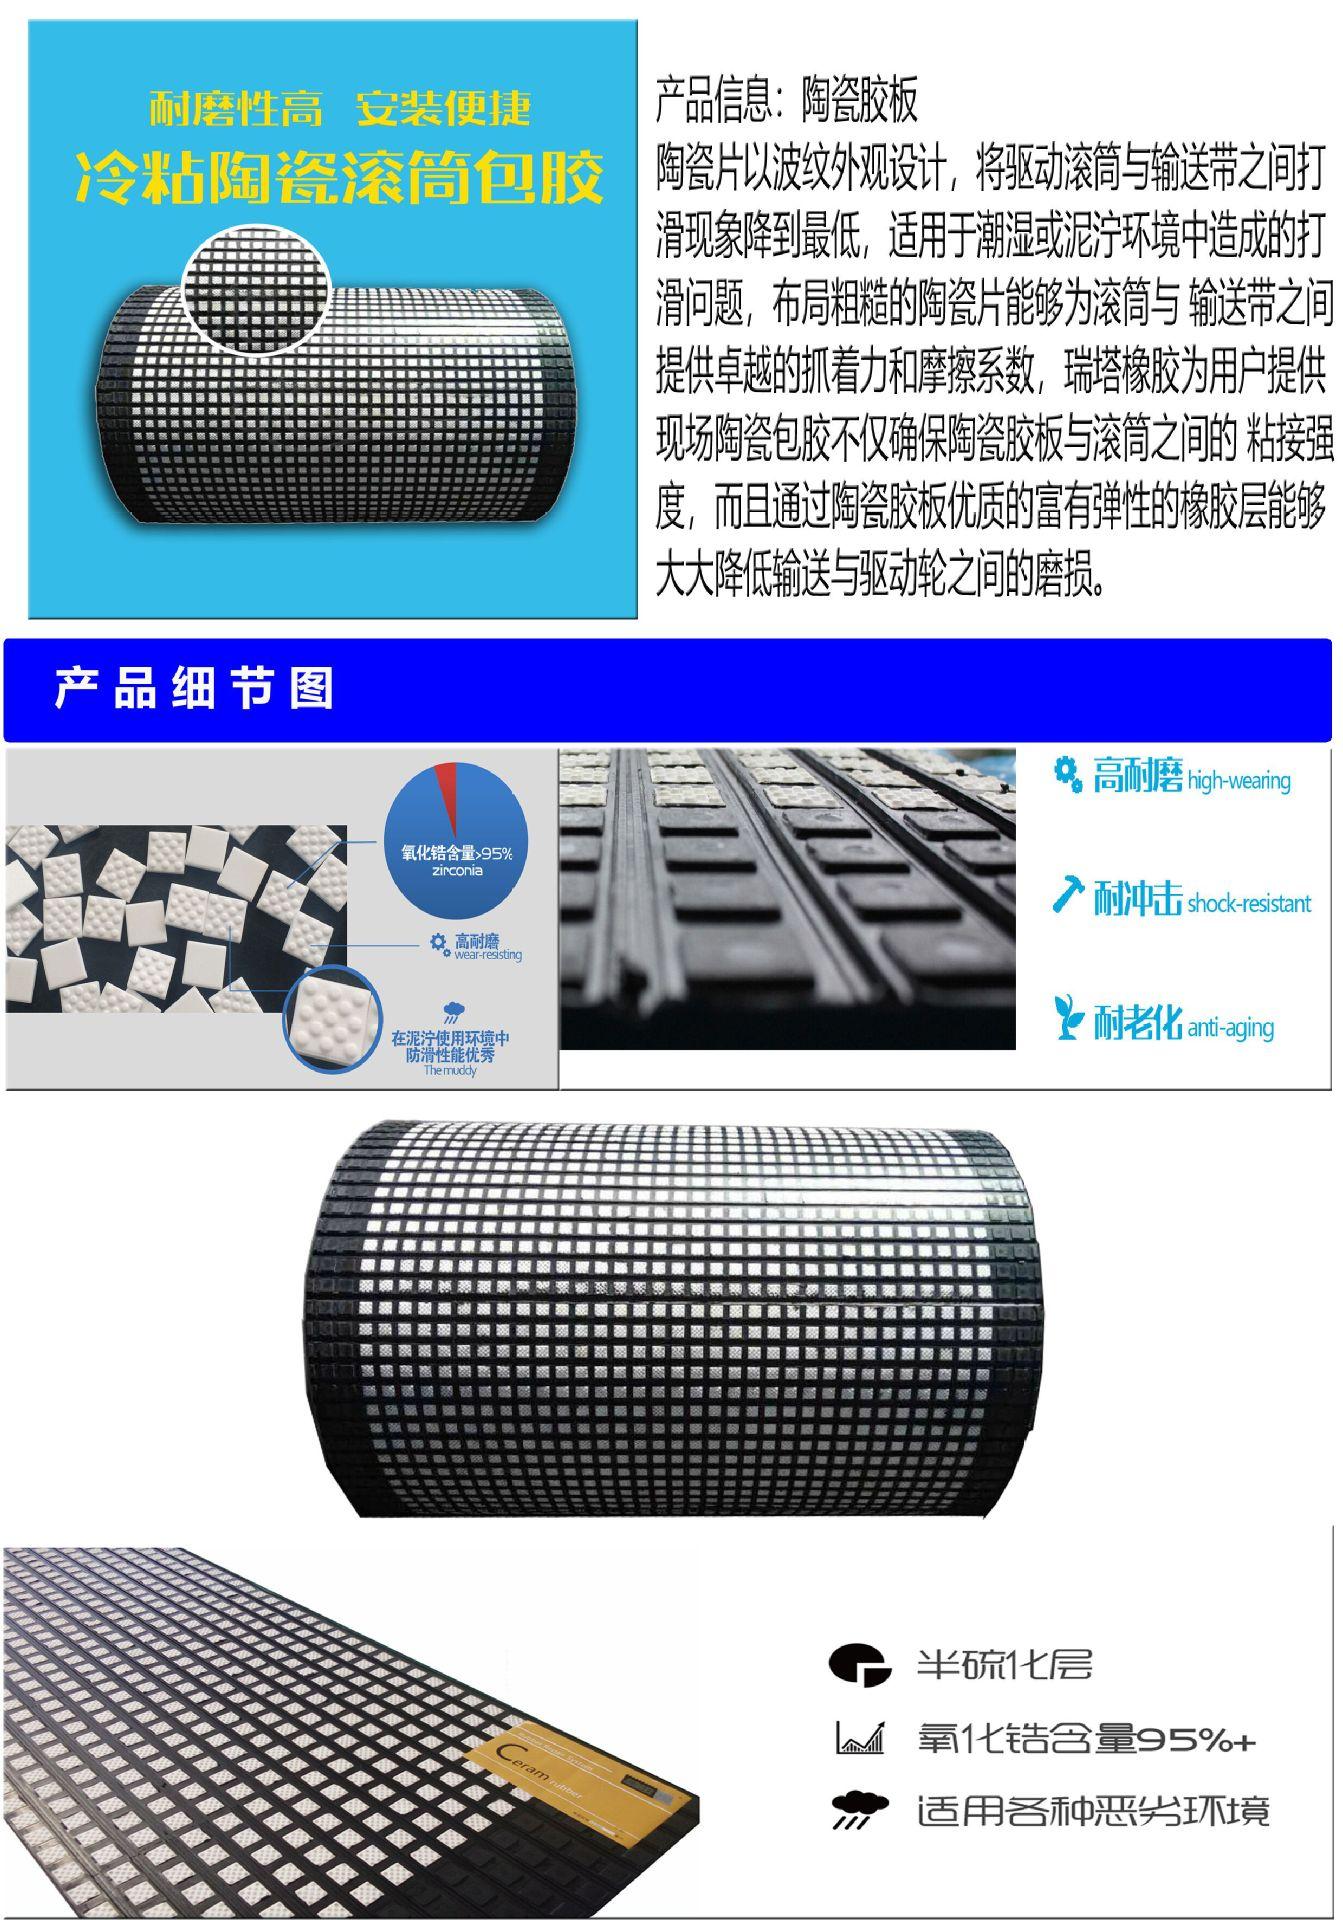 cn层滚筒包胶胶板 耐磨冷硫化cn层滚筒包胶胶板厂家示例图2